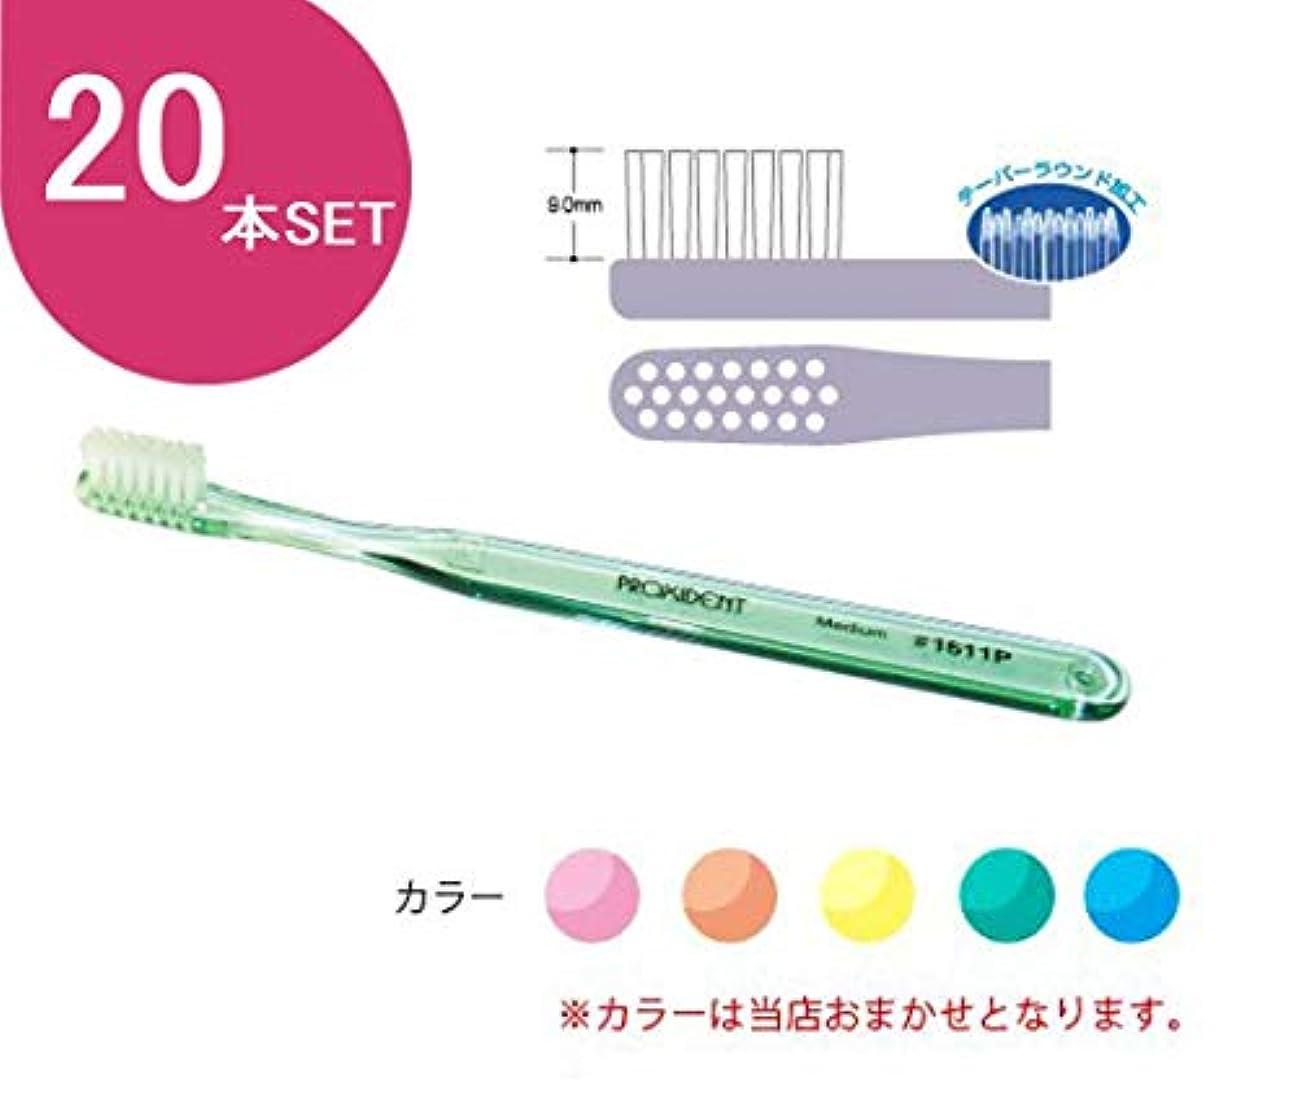 コンピューターバンジョー貢献プローデント プロキシデント #1611P 歯ブラシ 20本入